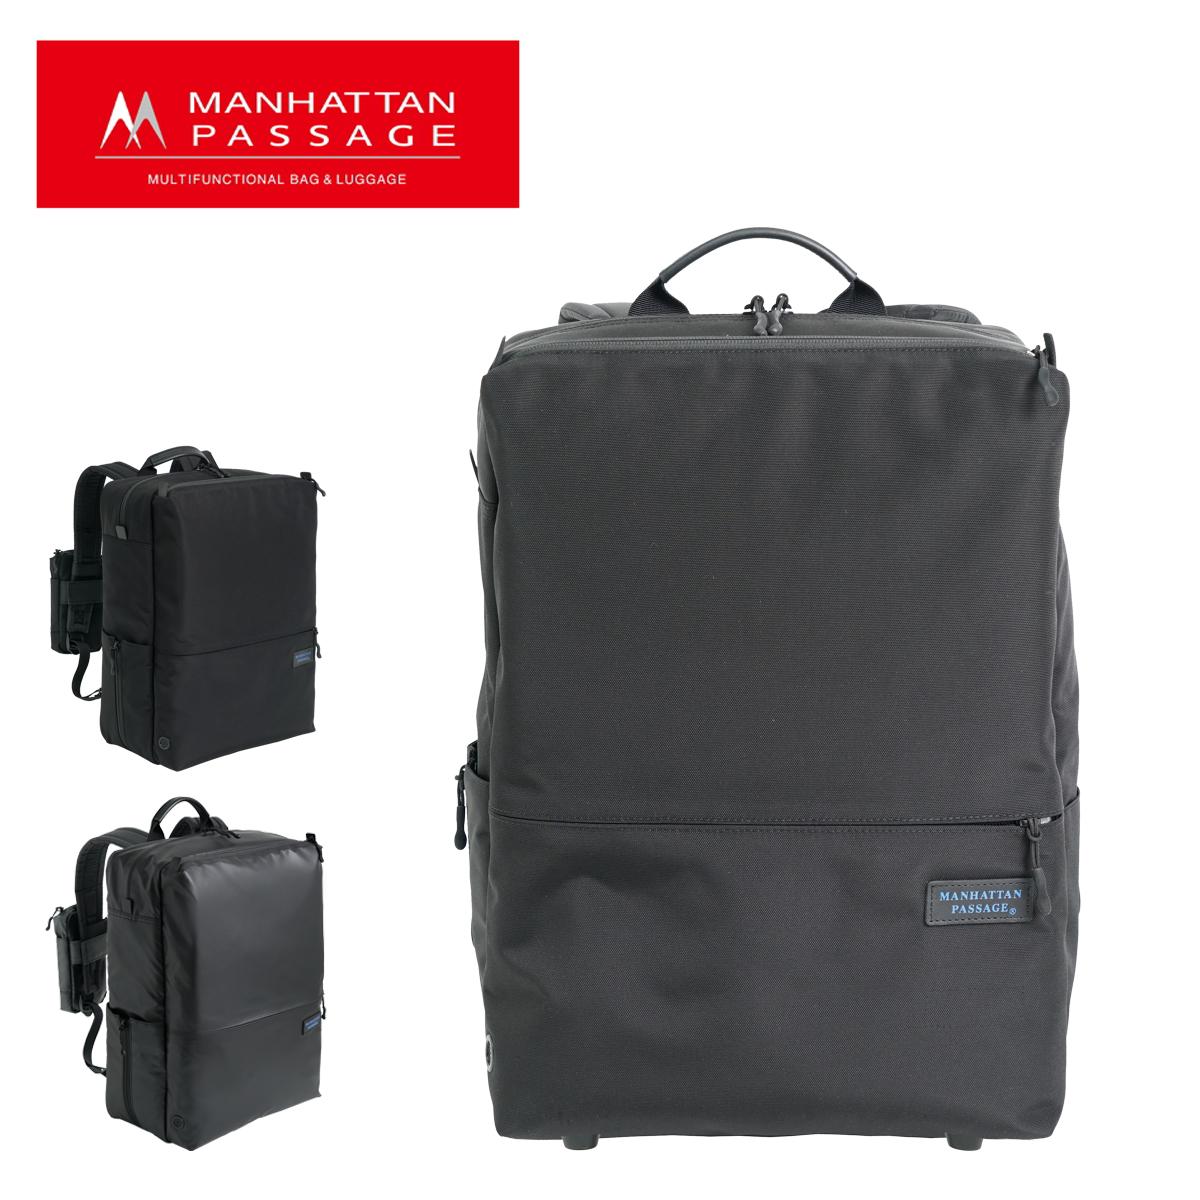 マンハッタンパッセージ リュック K-MODEL メンズ8005-K MANHATTAN PASSAGE | ビジネスリュック B4 高密度ナイロン 撥水 軽量 ビジネス[PO10]